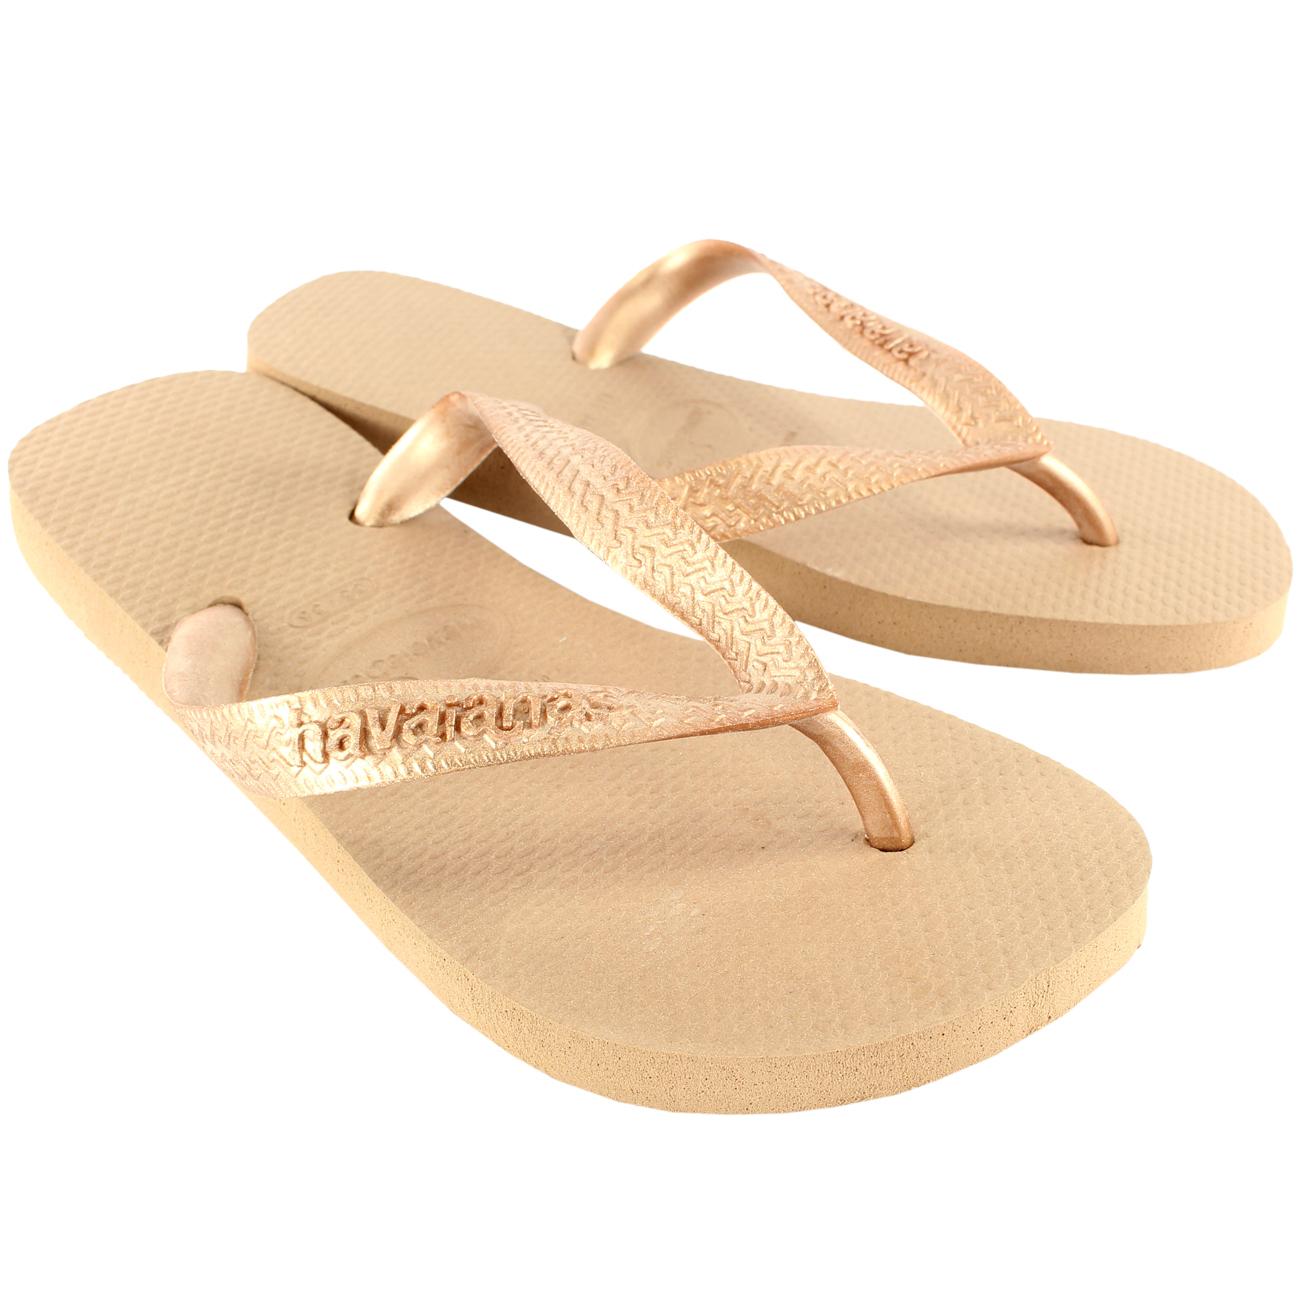 Havaianas Top Metallic Flip Flops